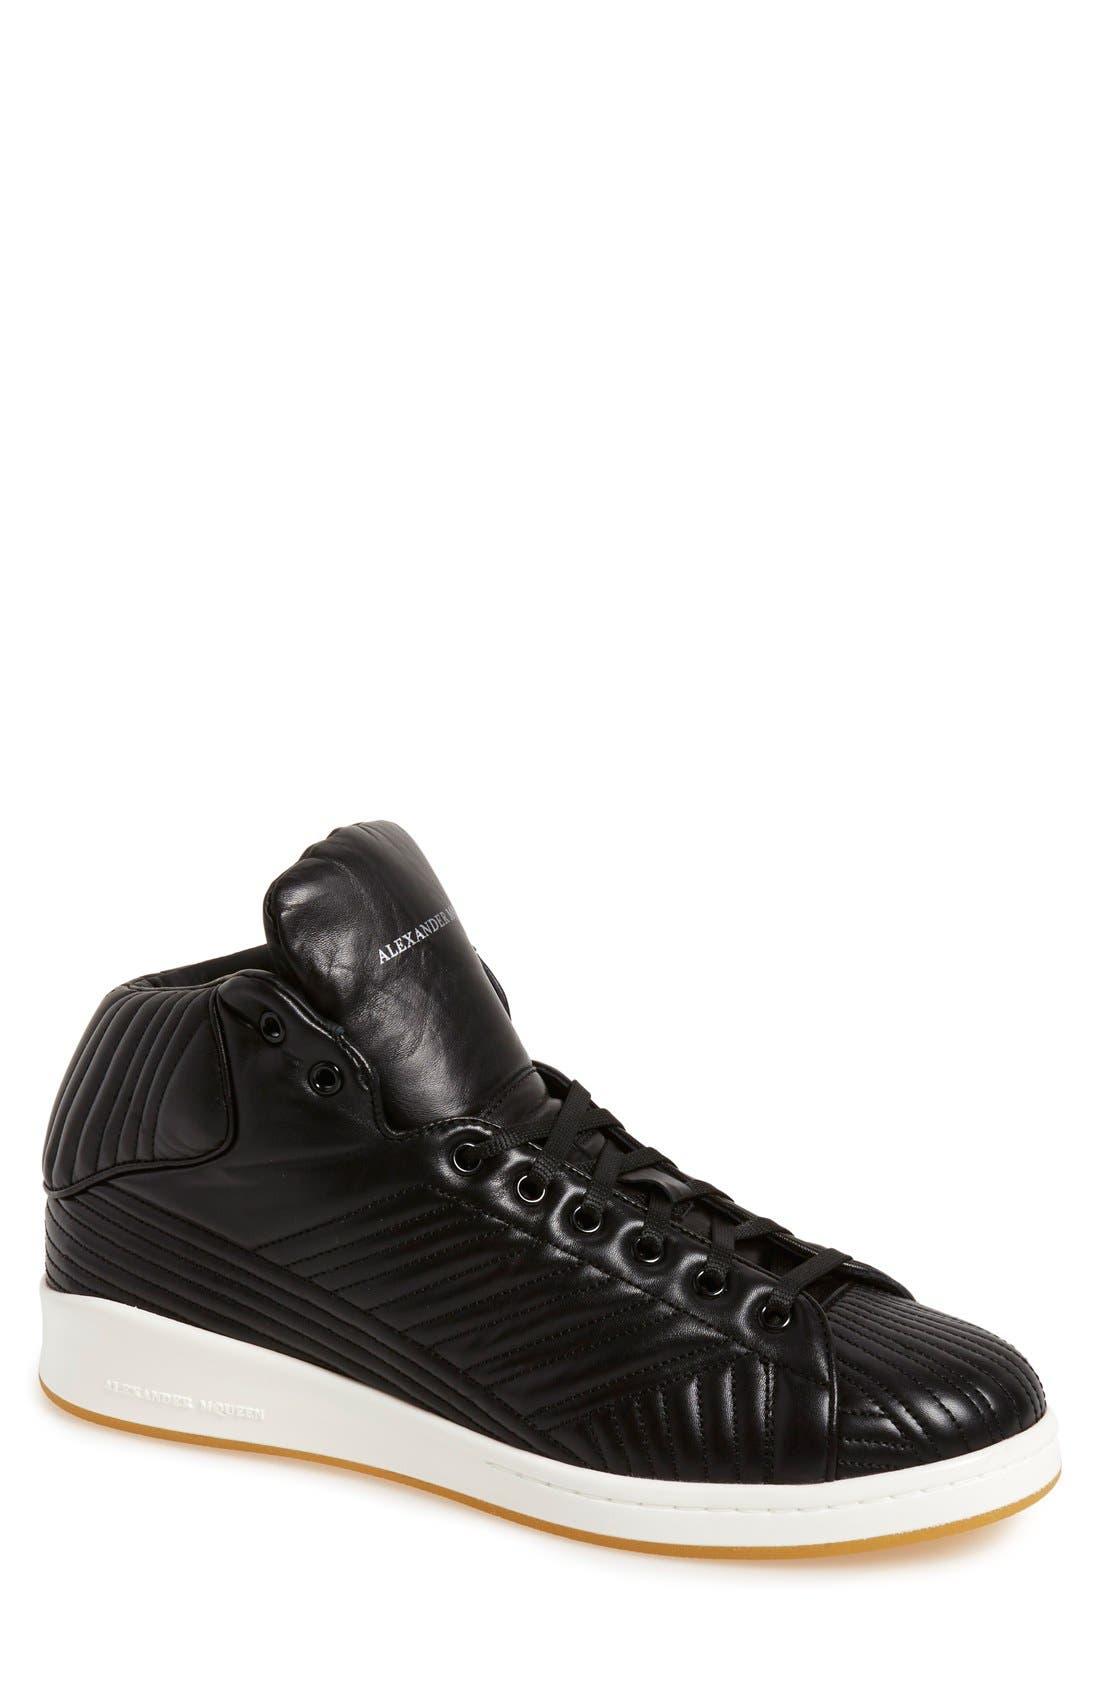 Main Image - Alexander McQueen Quilted High Top Sneaker (Men)